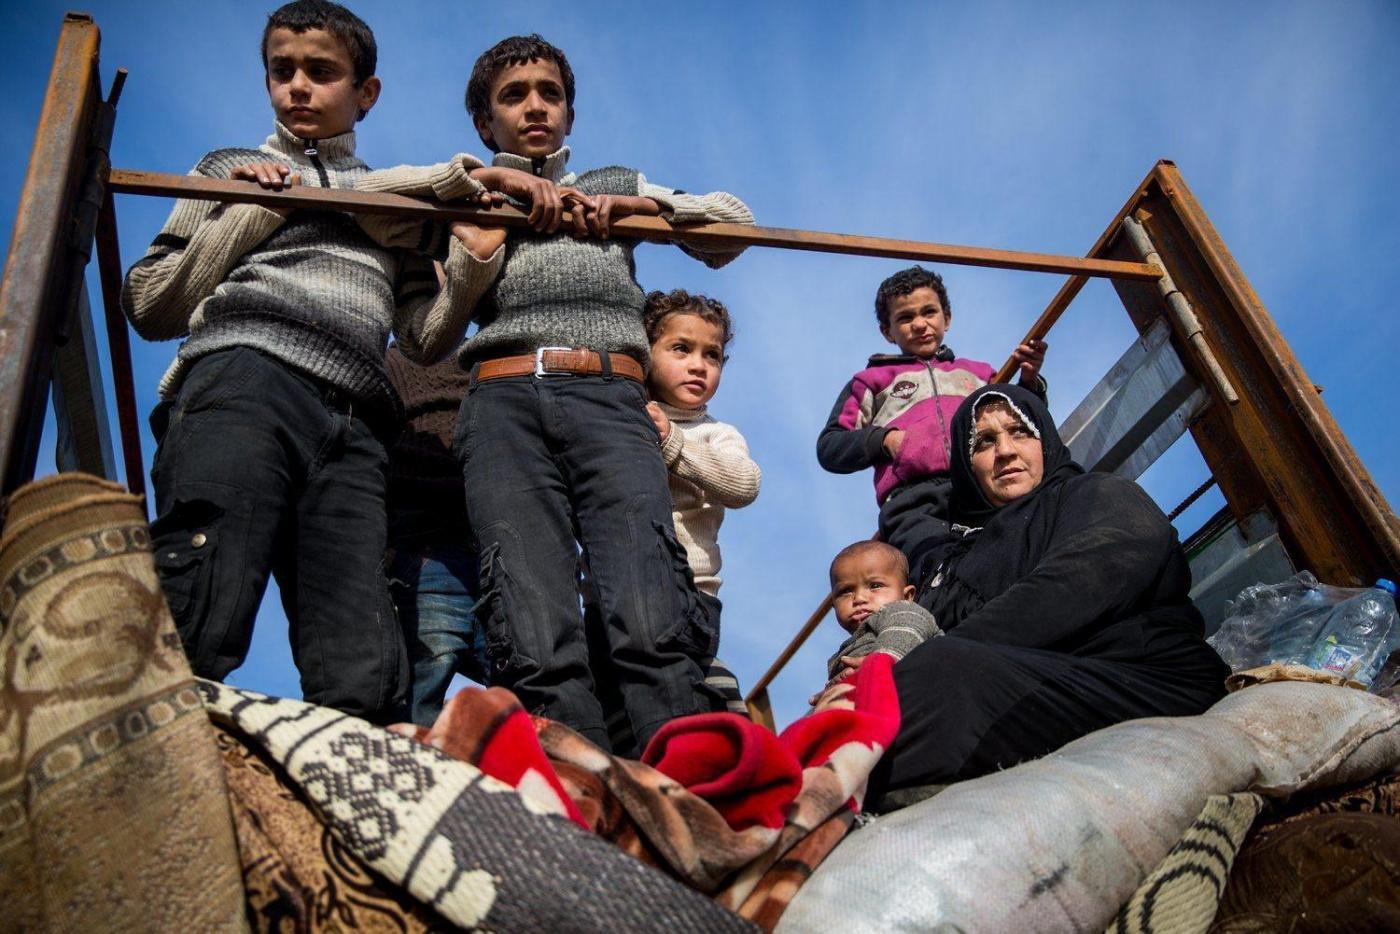 Da profughi a schiavi: ragazzini siriani sfruttati dalle fabbriche in Turchia